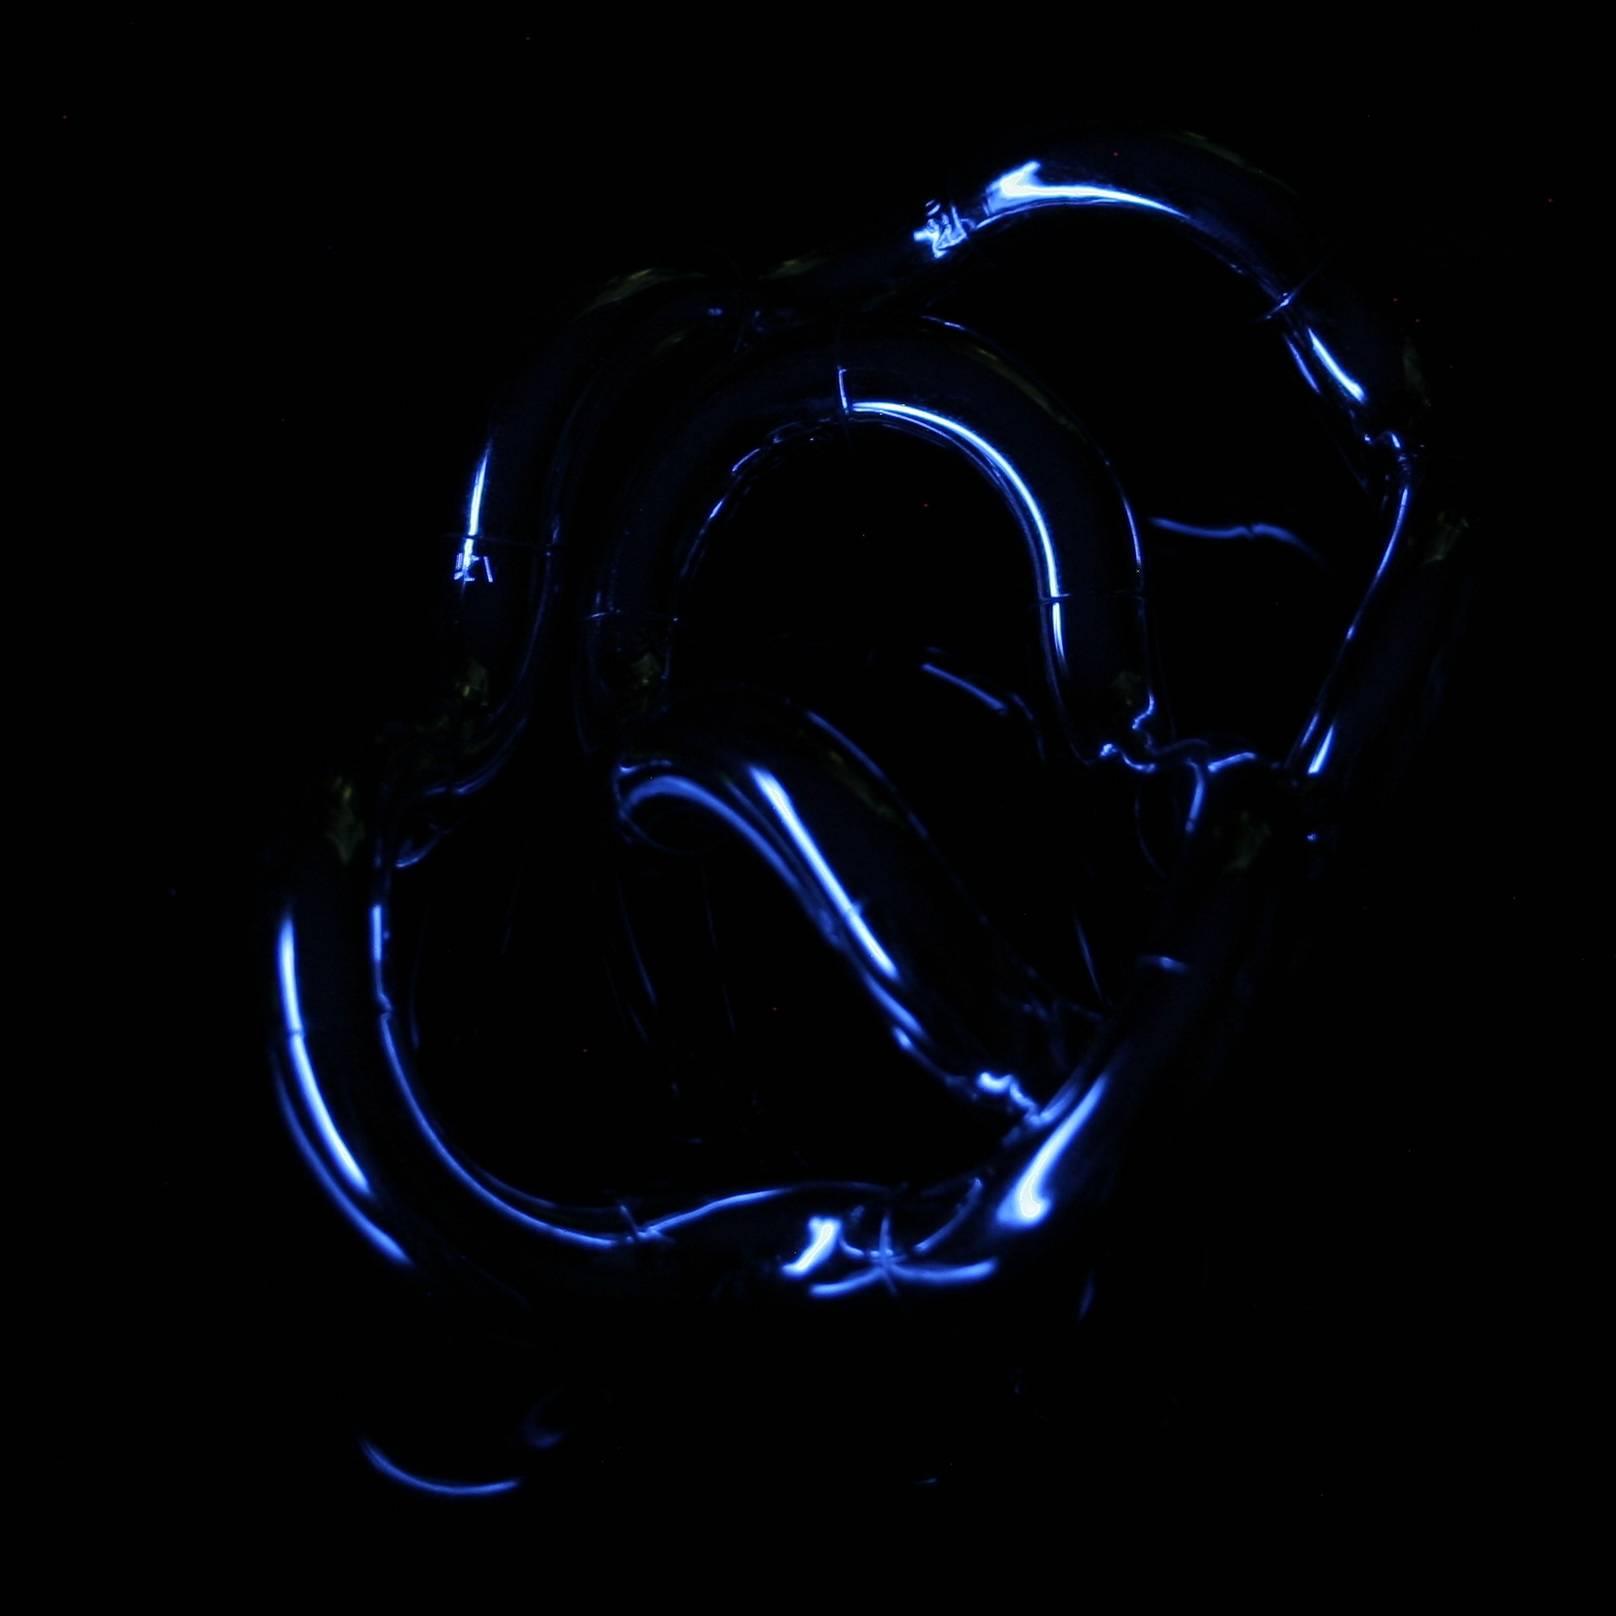 objet serie 2 25 02 2013_0086